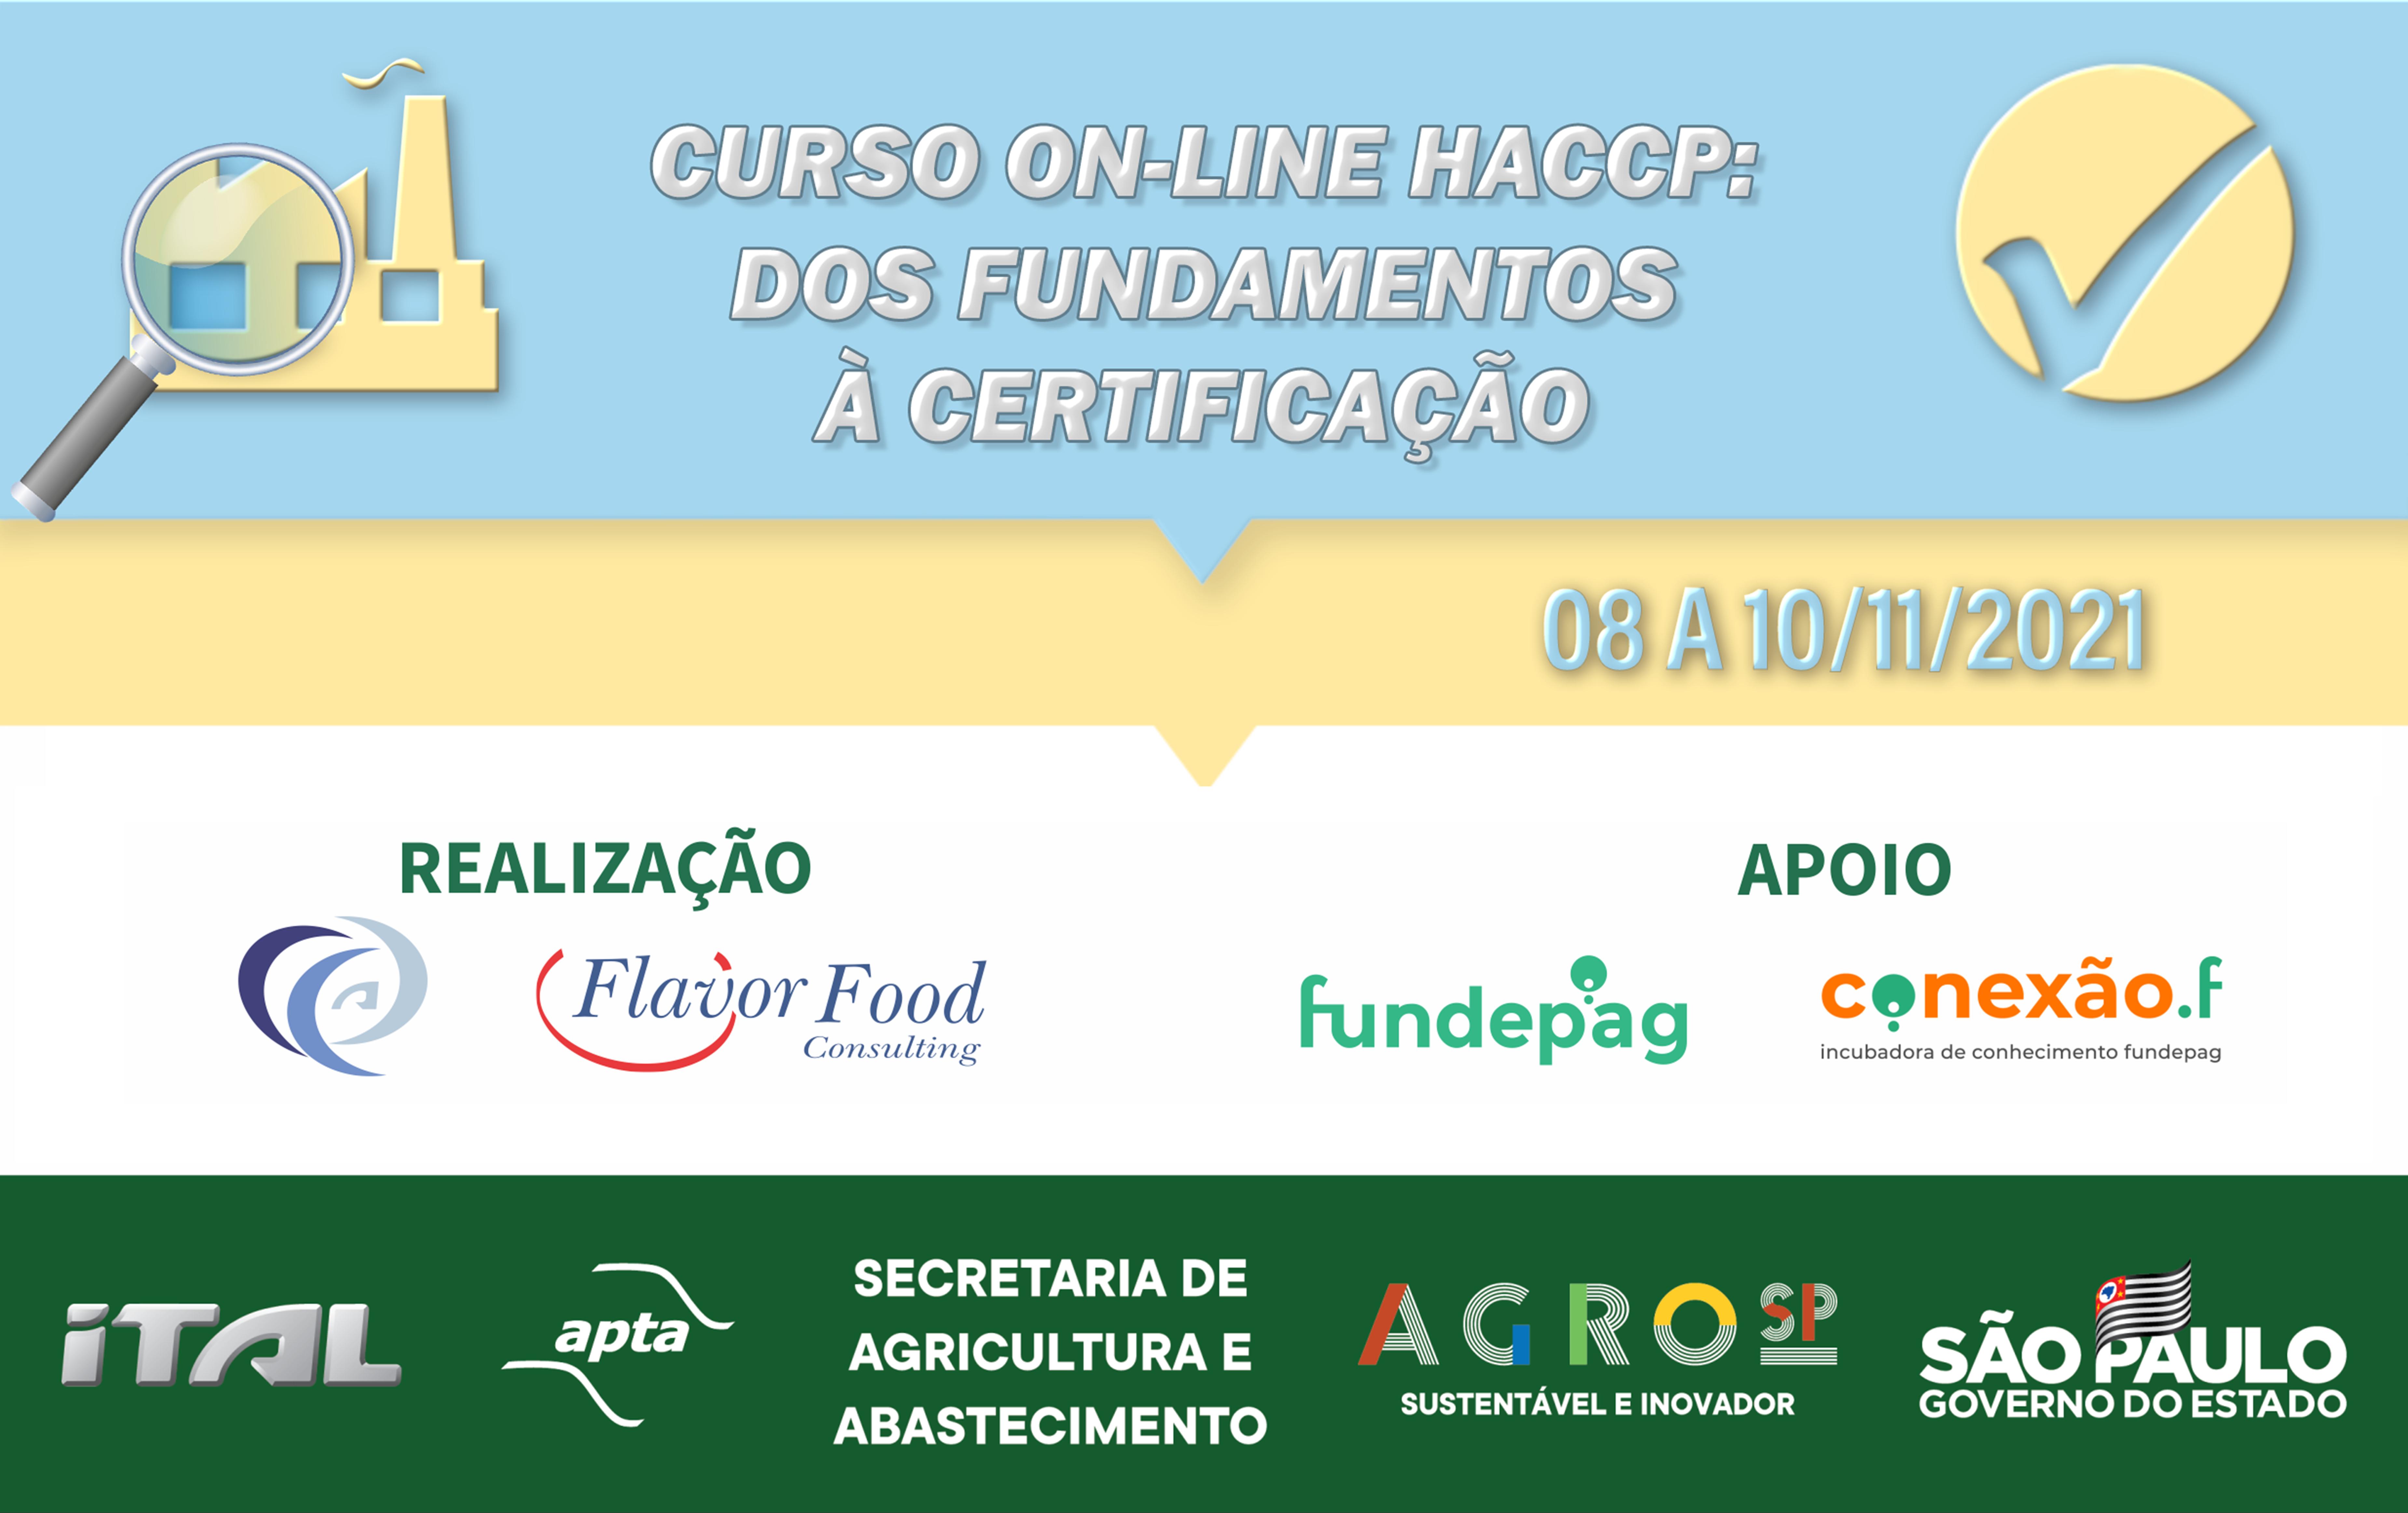 CURSO ON-LINE HACCP: DOS FUNDAMENTOS À CERTIFICAÇÃO